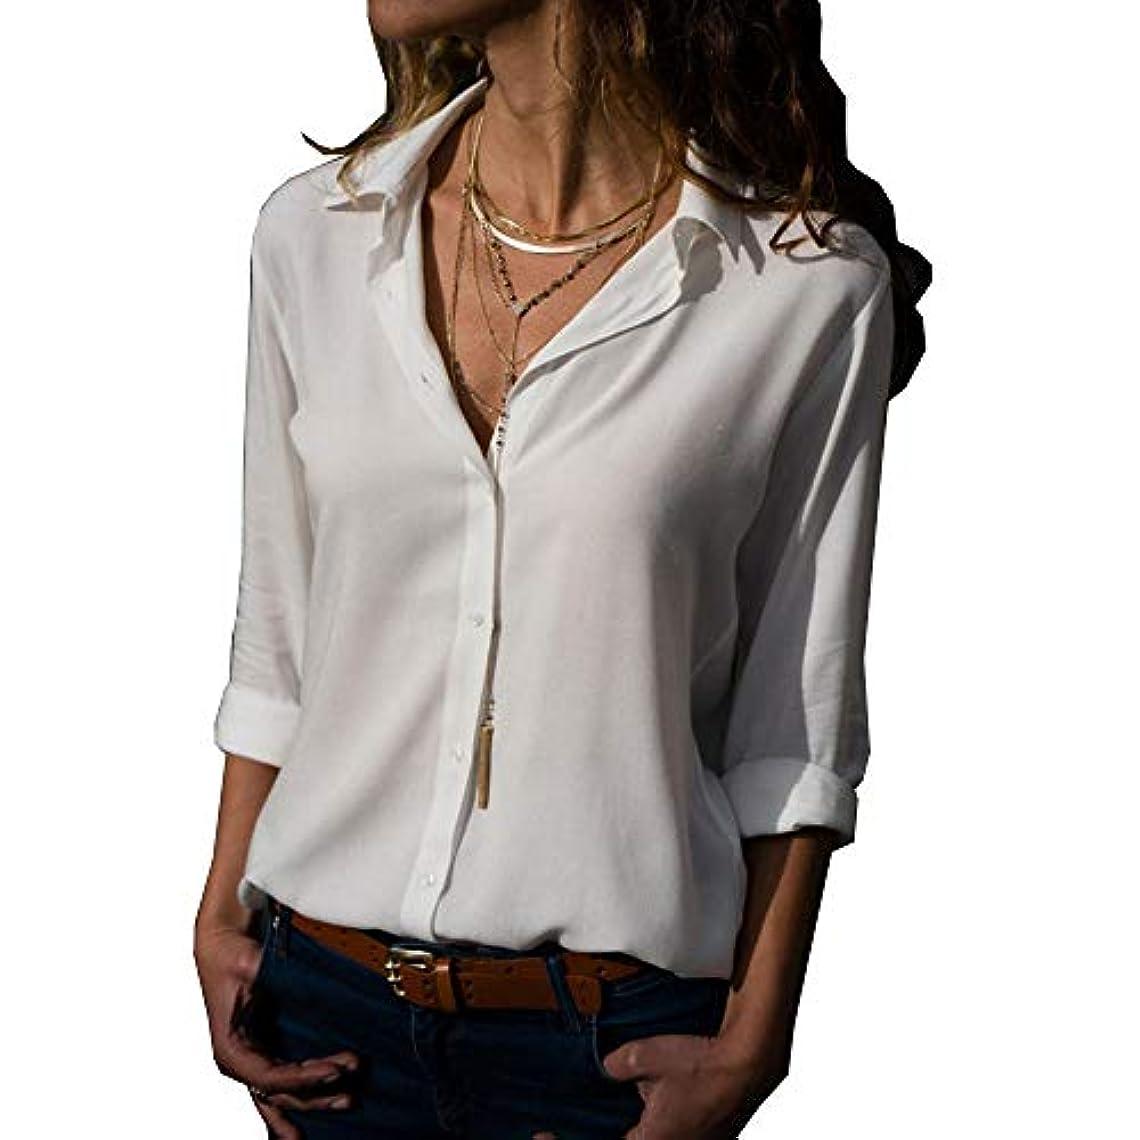 熱意分類する災害MIFAN ルーズシャツ、トップス&Tシャツ、プラスサイズ、トップス&ブラウス、シフォンブラウス、女性トップス、シフォンシャツ